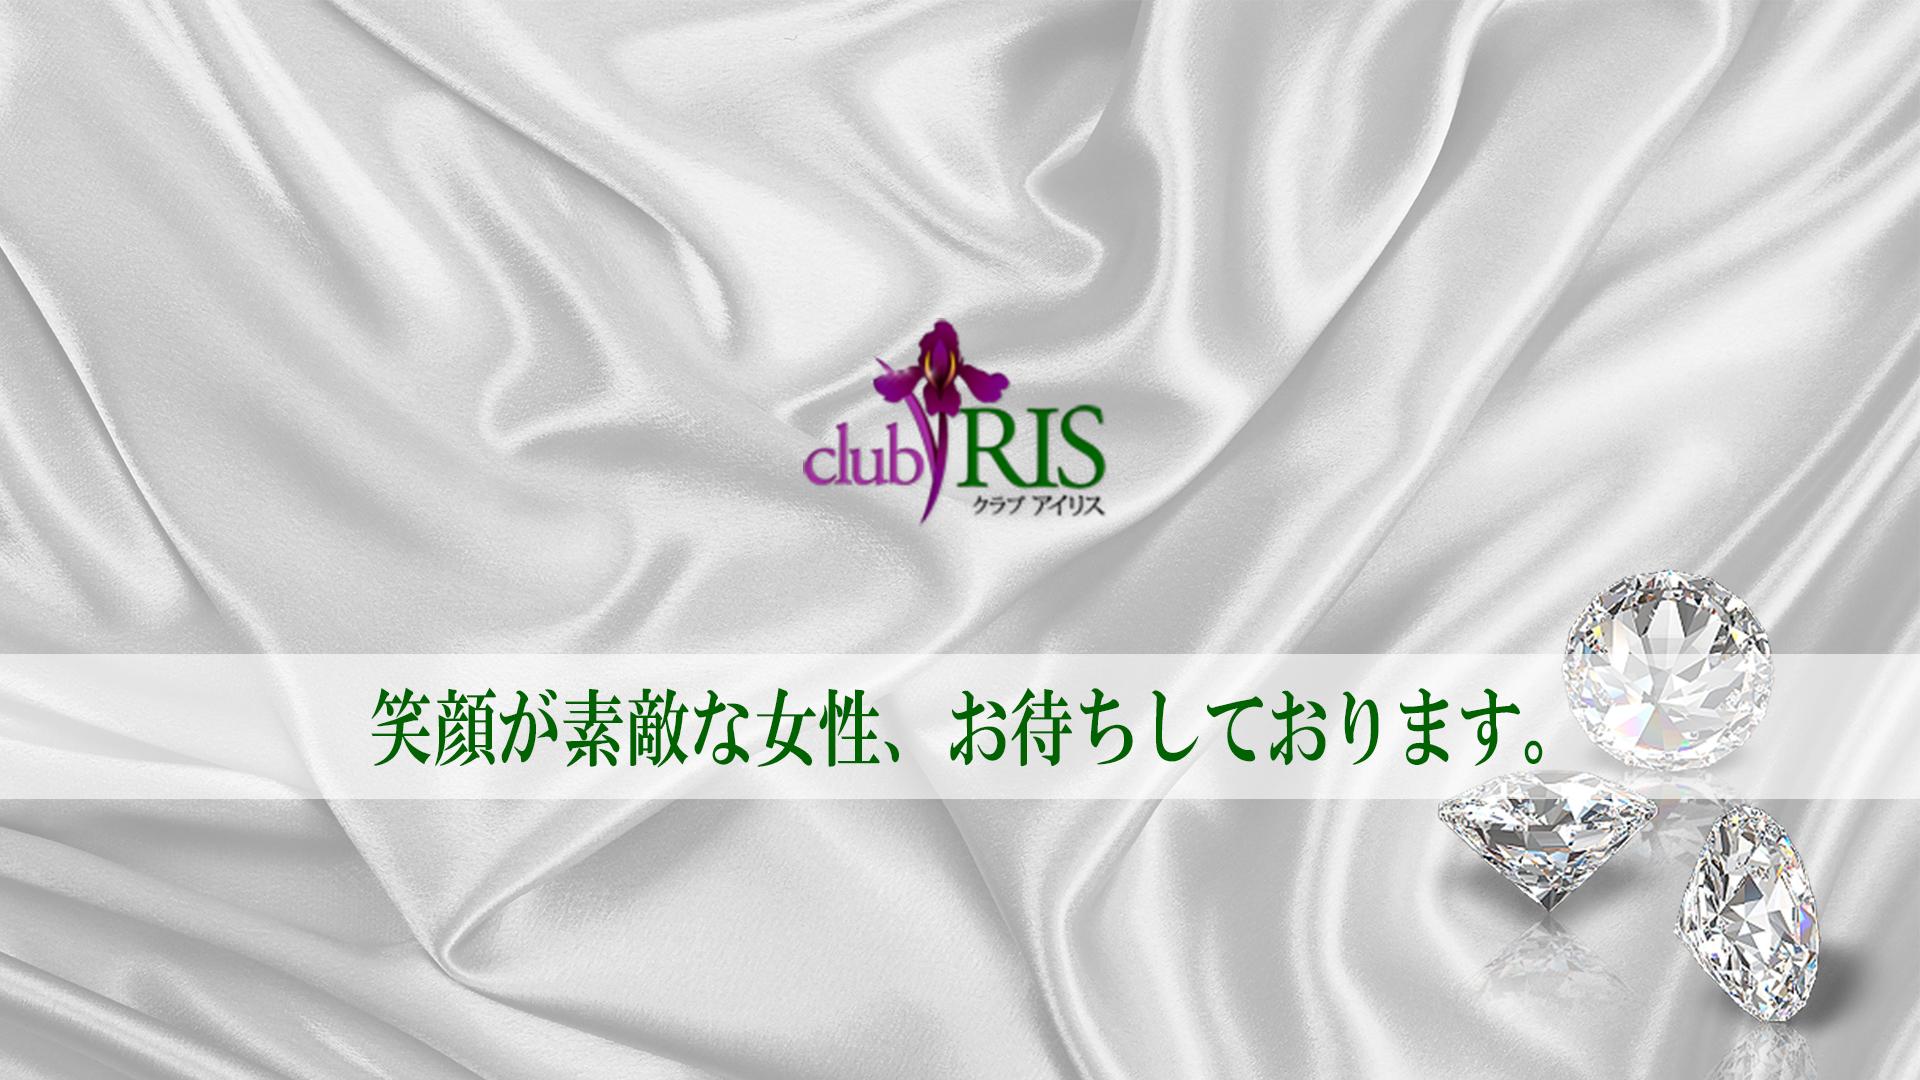 クラブアイリス大阪の求人画像